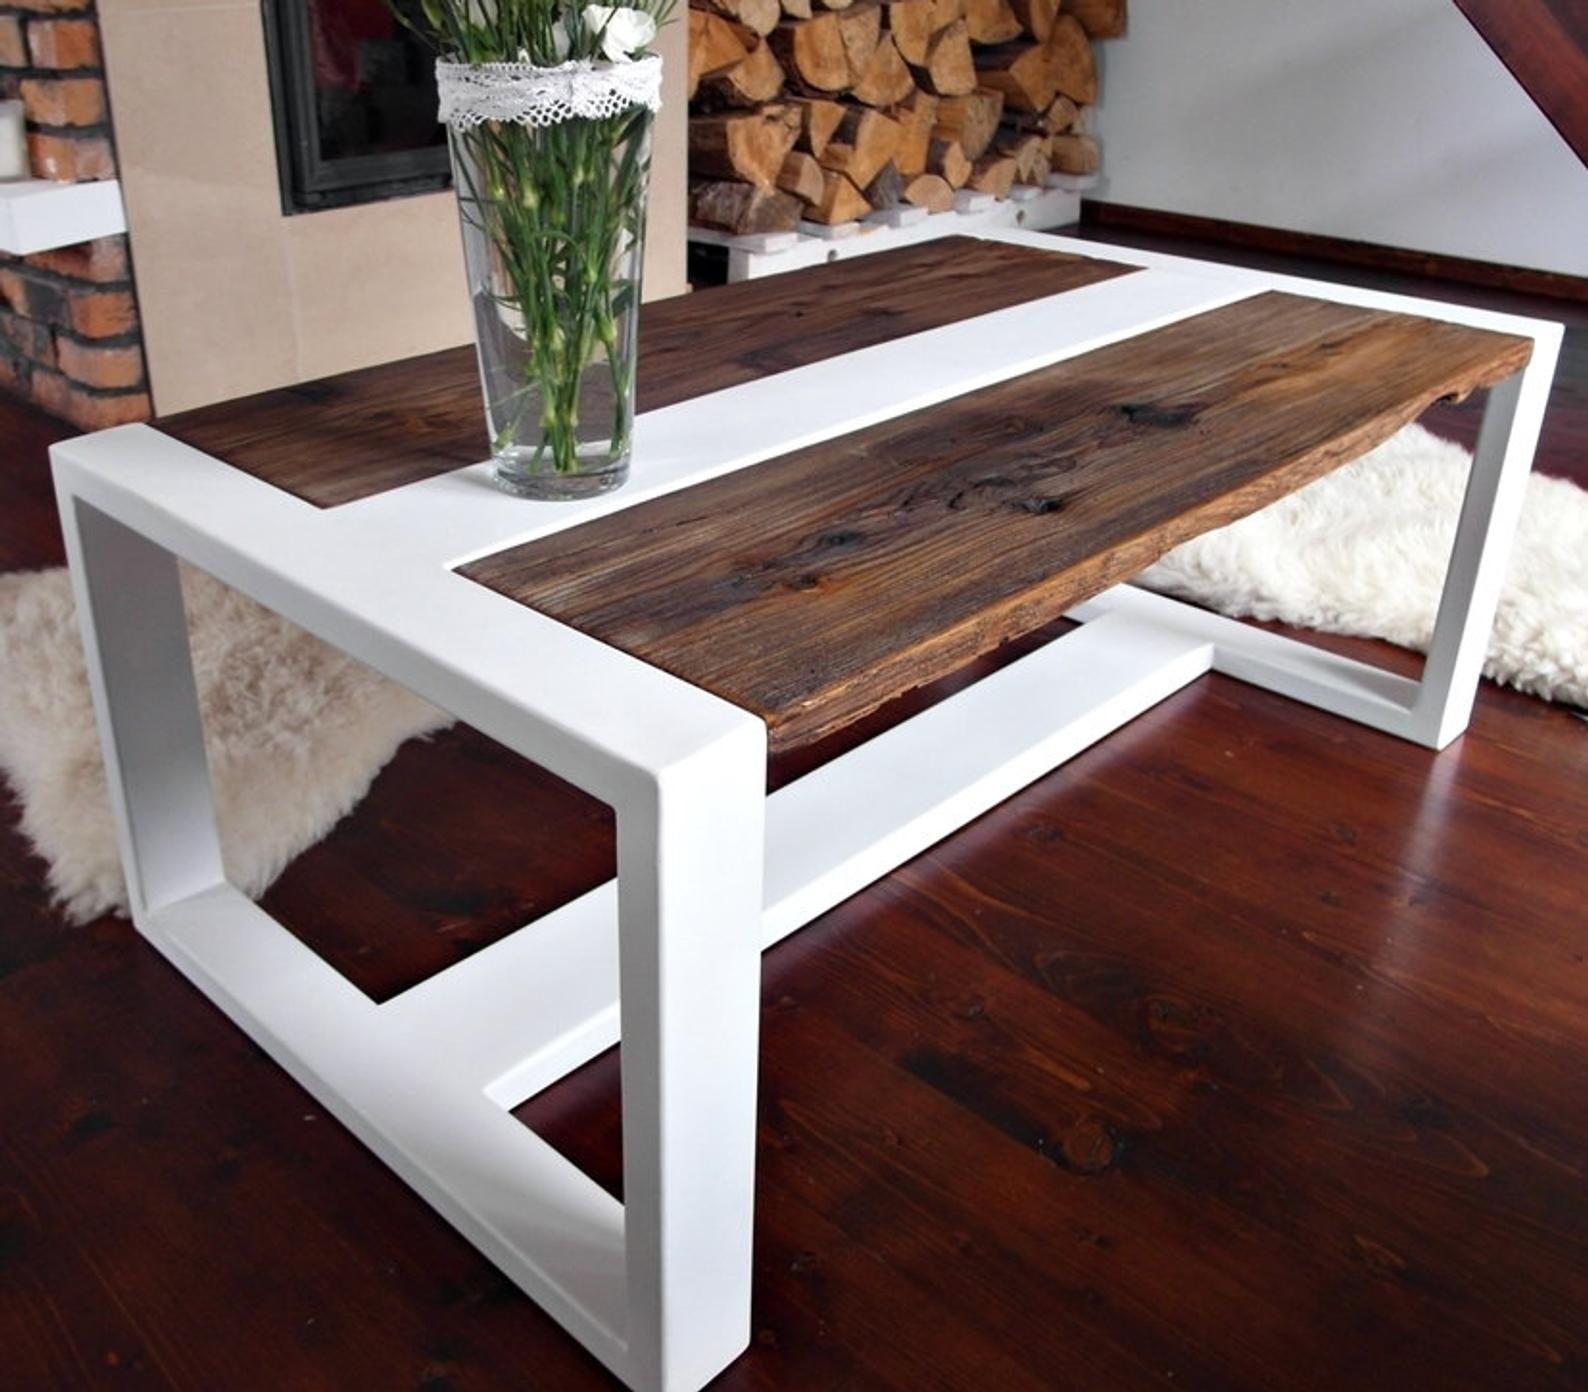 Handmade Reclaimed Wood Steel Coffee Table Modern Rustic Etsy Coffee Table Vintage Industrial Coffee Table Wood Steel [ 1392 x 1588 Pixel ]